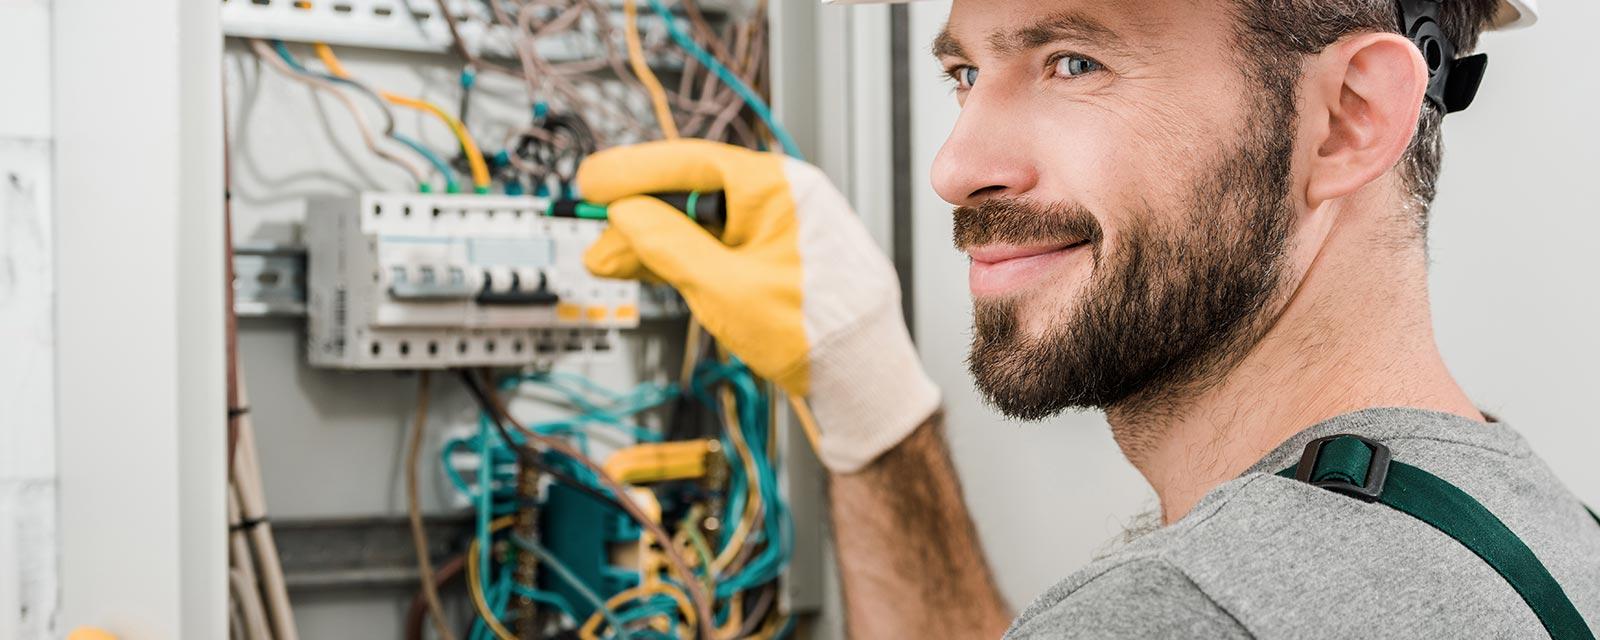 Etude De Marche Artisan Electricien choisir le bon électricien : trucs & astuces | guide artisan